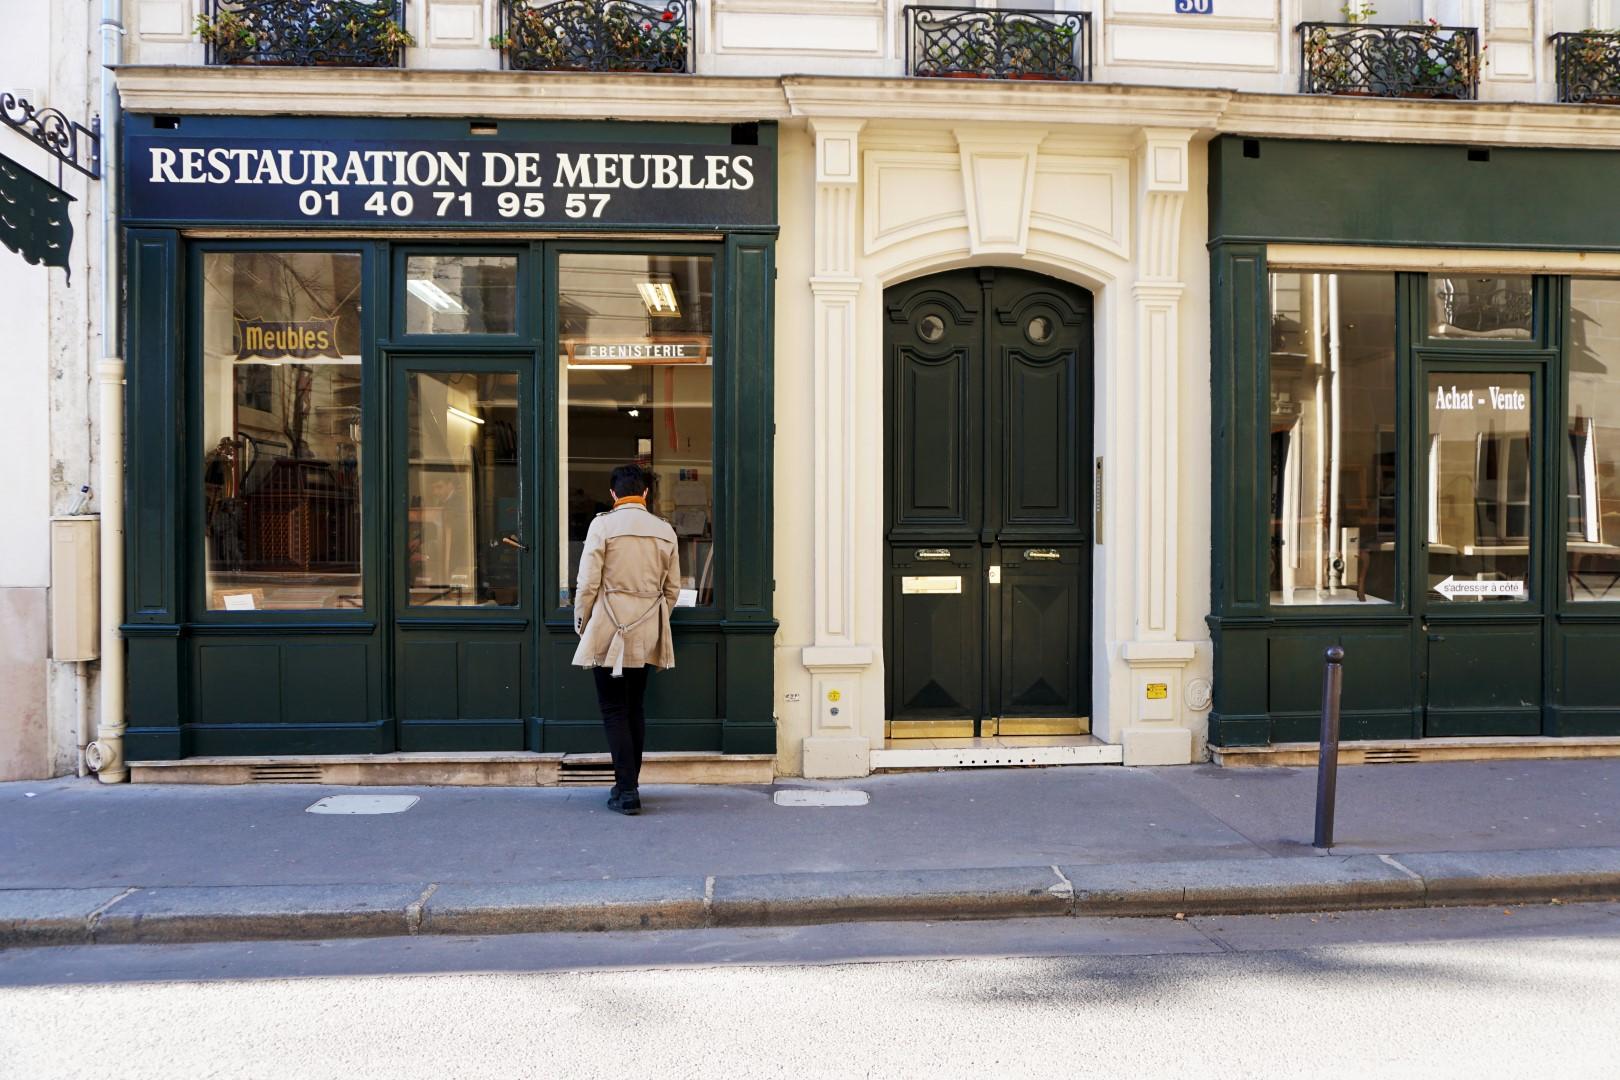 Balade dans le 16e, voies privées et art nouveau - Rue Boileau